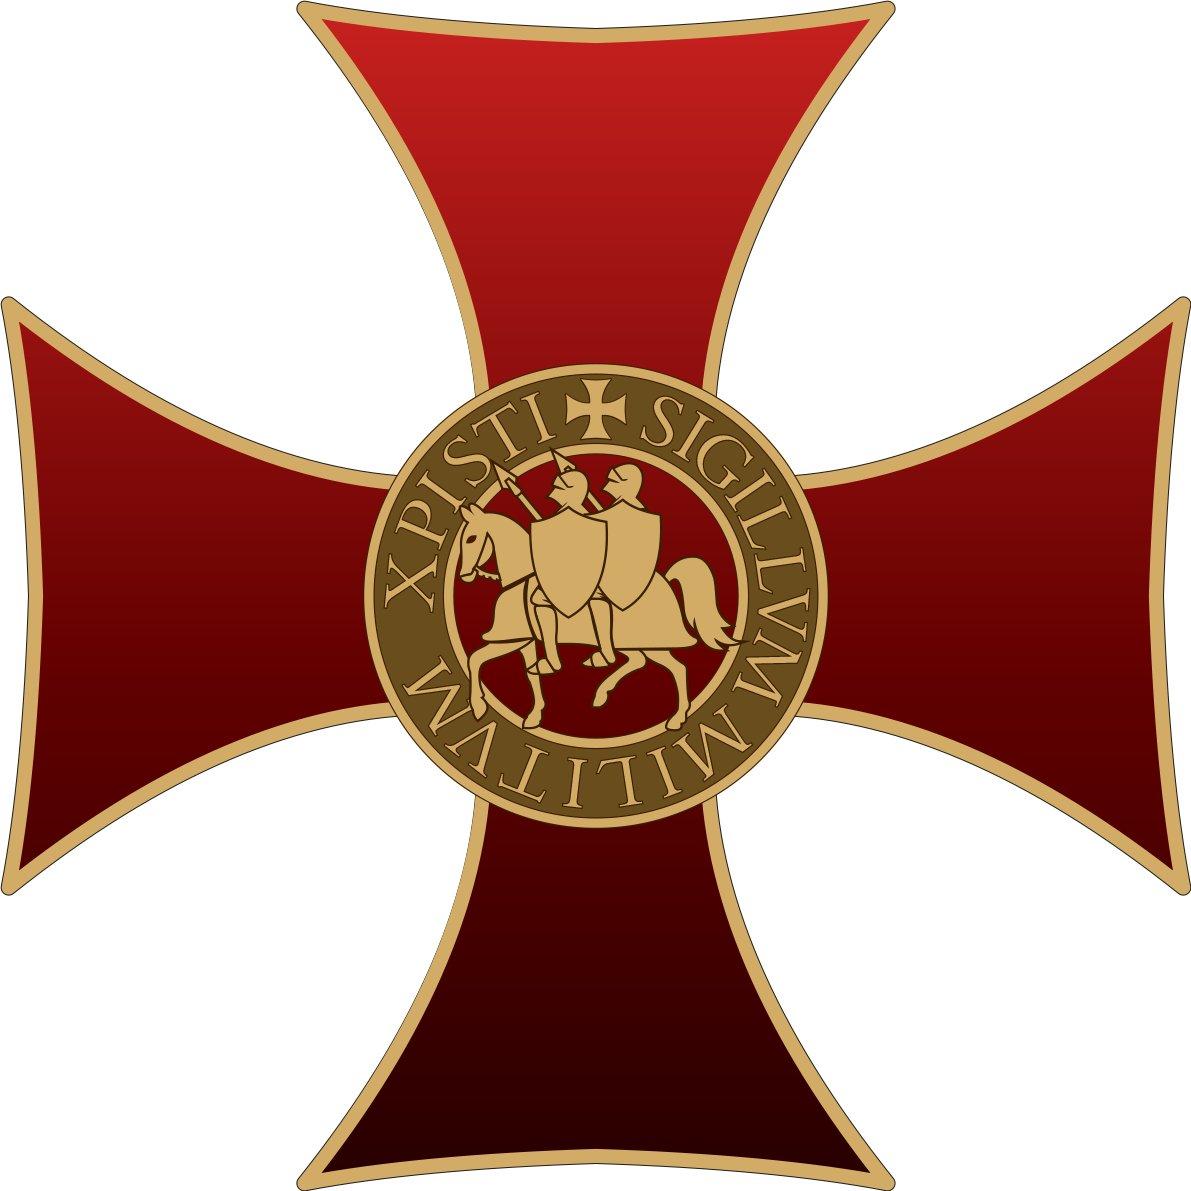 @TemplarKTI